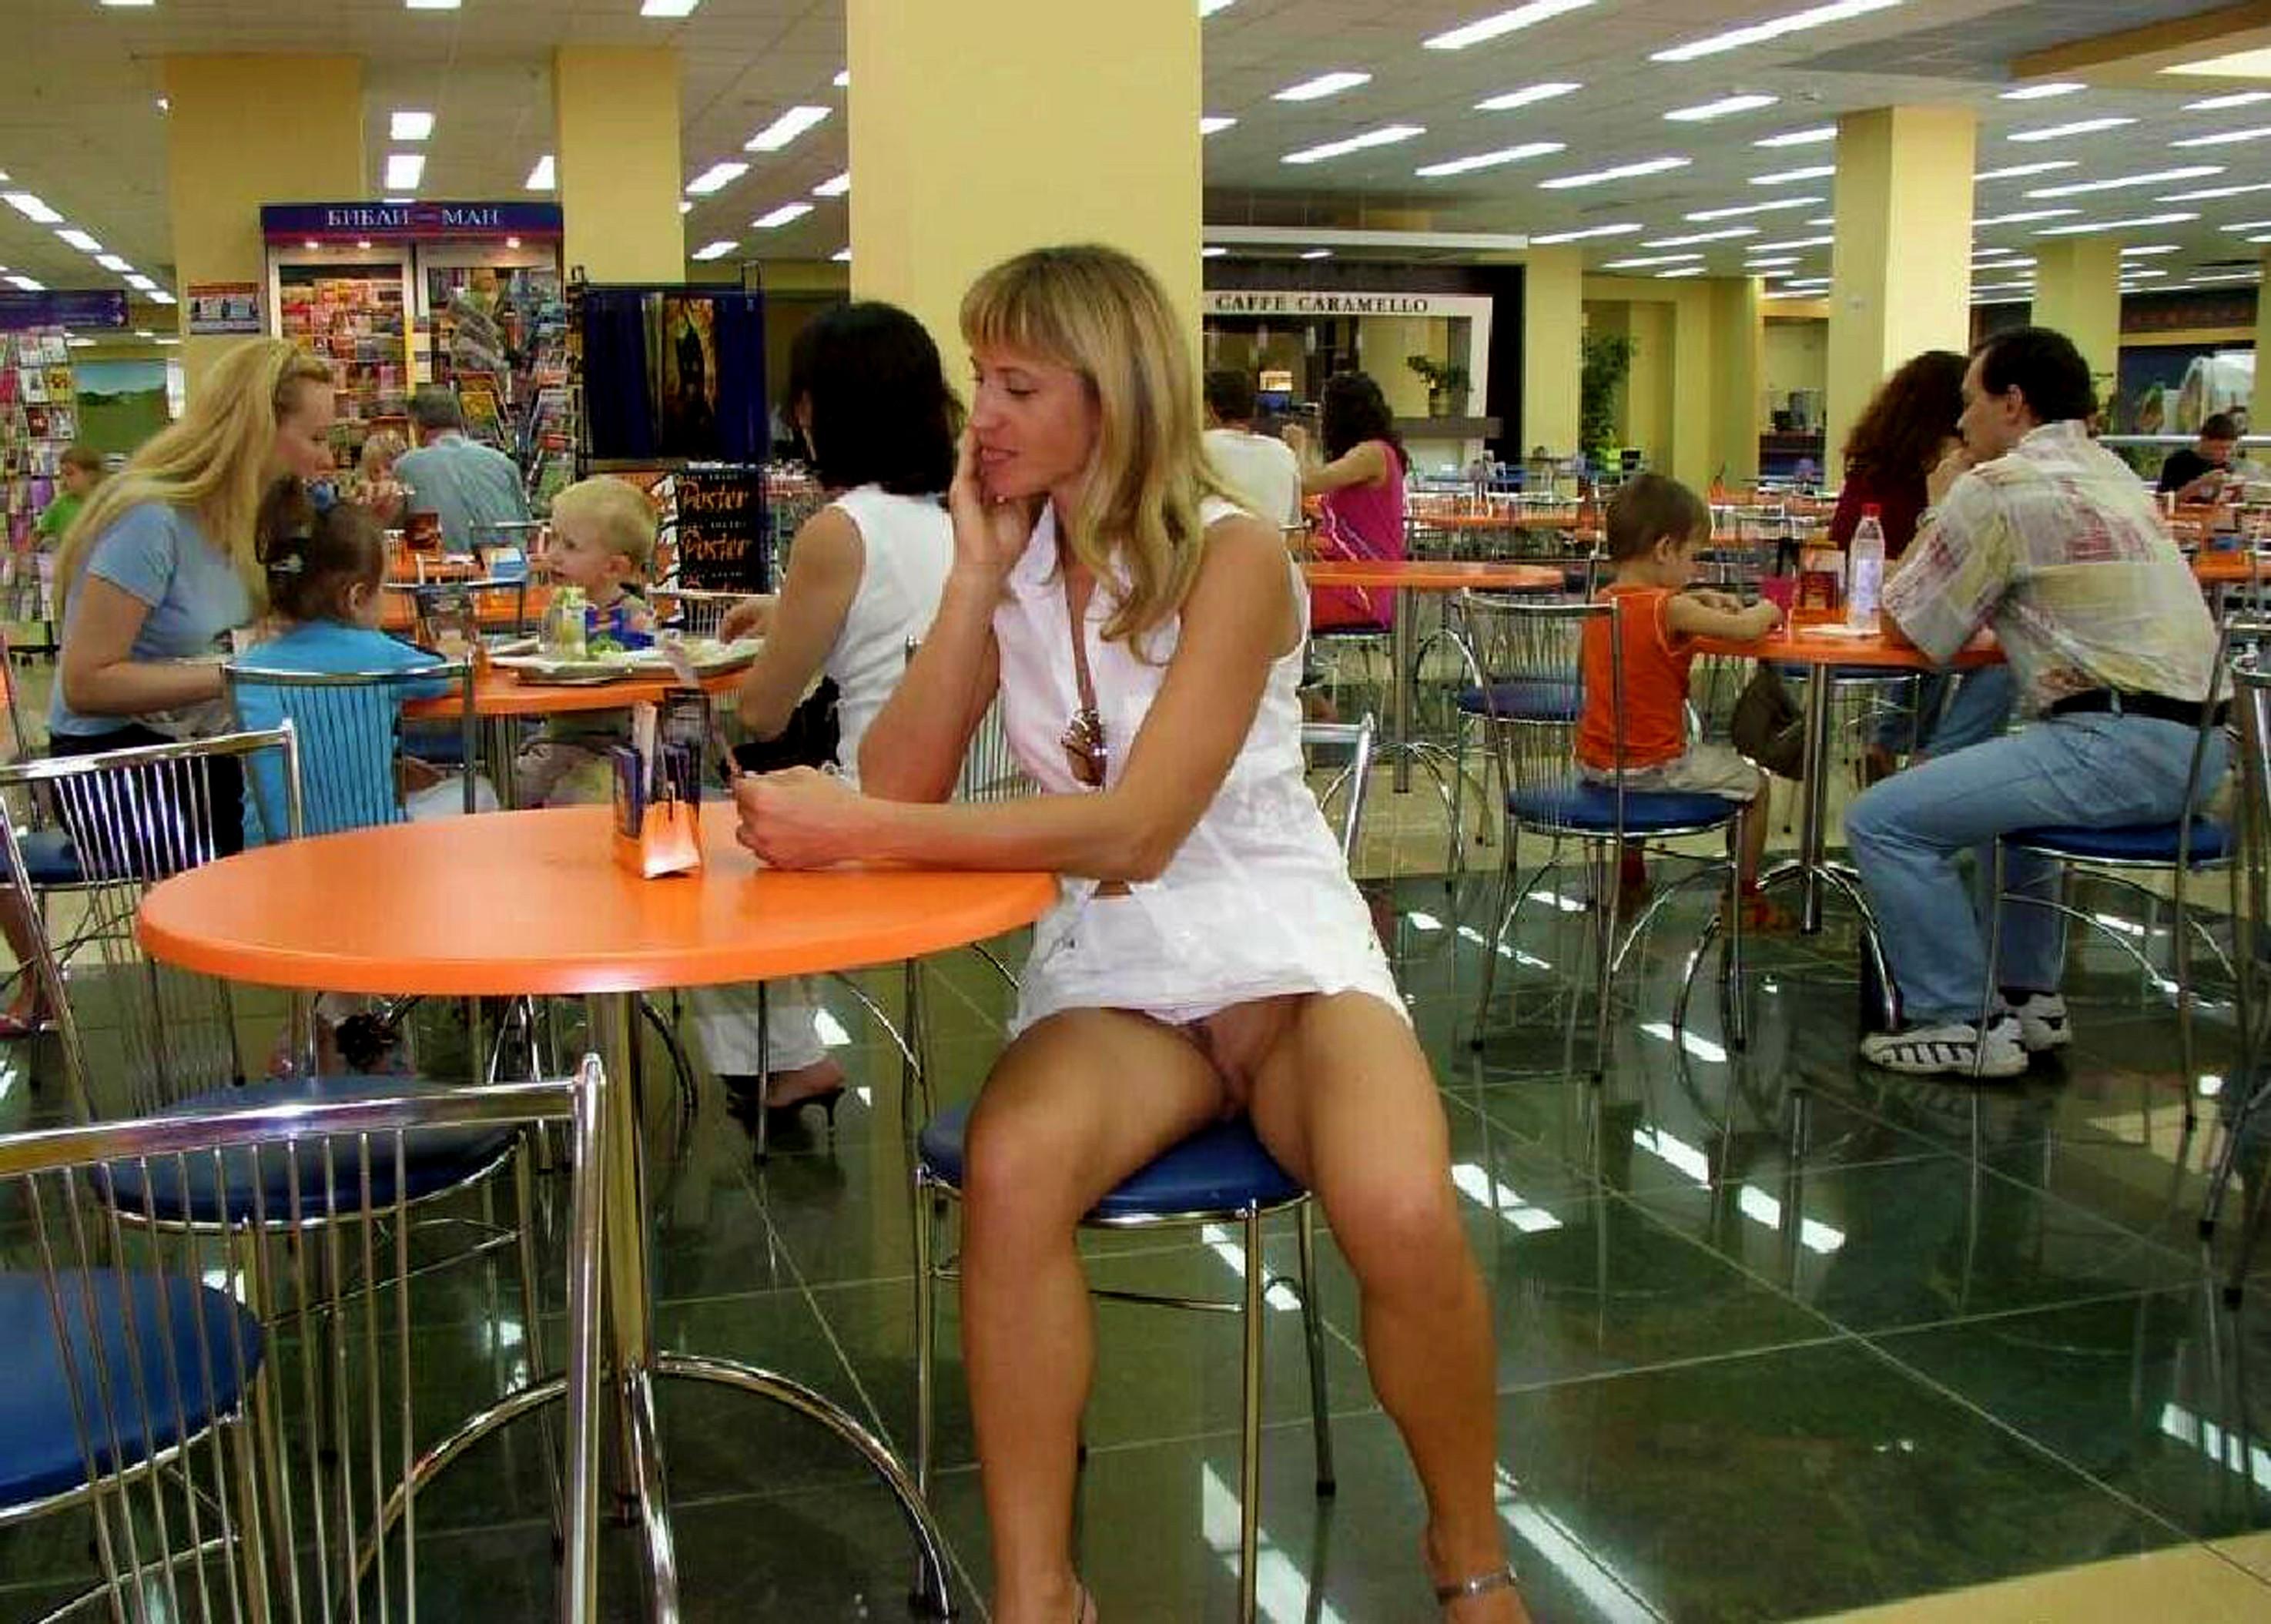 Эротические развлечения в кафе 2 фотография